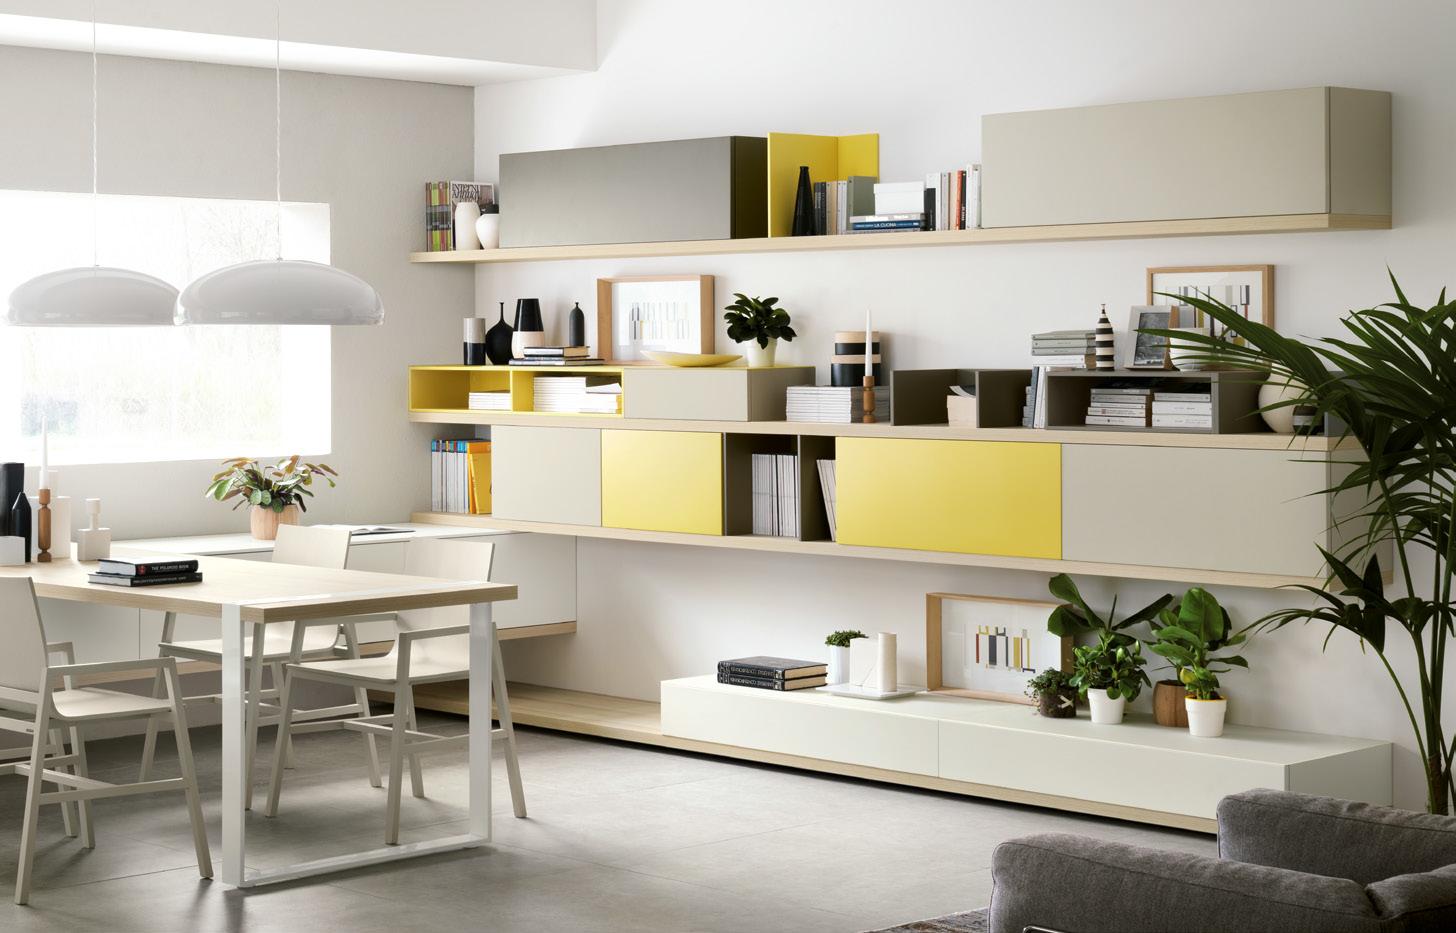 cucina foodshelf - centro mobili - Armadietti Della Cucina Idee Progettuali